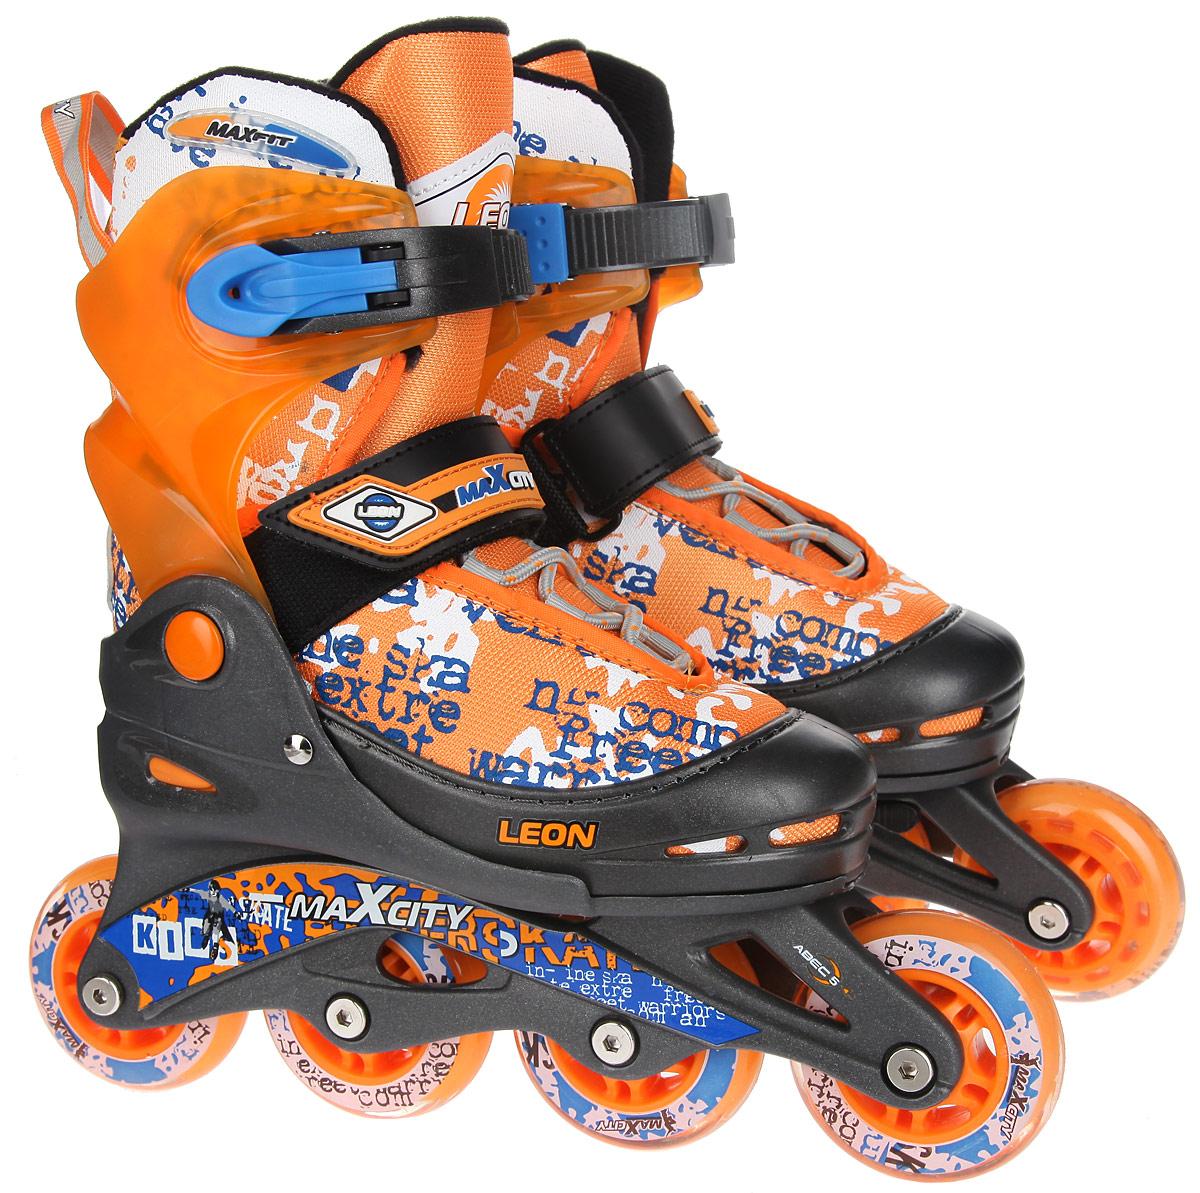 Коньки роликовые MaxCity Leon, раздвижные, цвет: оранжевый, синий, белый. Размер 34/37LEONСтильные роликовые коньки Leon от MaxCity с ярким принтом придутся по душе вашему ребенку. Ботинок конька изготовлен по технологии Max Fit из комбинированных синтетических и полимерных материалов, обеспечивающих максимальную вентиляцию ноги. Анатомически облегченная конструкция ботинка из пластика обеспечивает улучшенную боковую поддержку и полный контроль над движением. Подкладка из мягкого текстиля комфортна при езде. Стелька Hi Dri из ЭВА с бактериальным покрытием обеспечивает комфорт, амортизацию и предотвращает появление запаха. Классическая шнуровка обеспечивает отличную фиксацию на ноге. Также модель оснащена ремешком с липучкой на подъеме, на голенище - клипсой с фиксатором. Пластиковая рама почти не уступает в прочности металлической, но амортизирует не только усилие ноги, но и неровности дорожного покрытия, и не позволяет быстро разгоняться. Мягкие полиуретановые колеса обеспечат плавное и бесшумное движение. Износостойкие подшипники класса ABEC 5 наименее восприимчивы к...